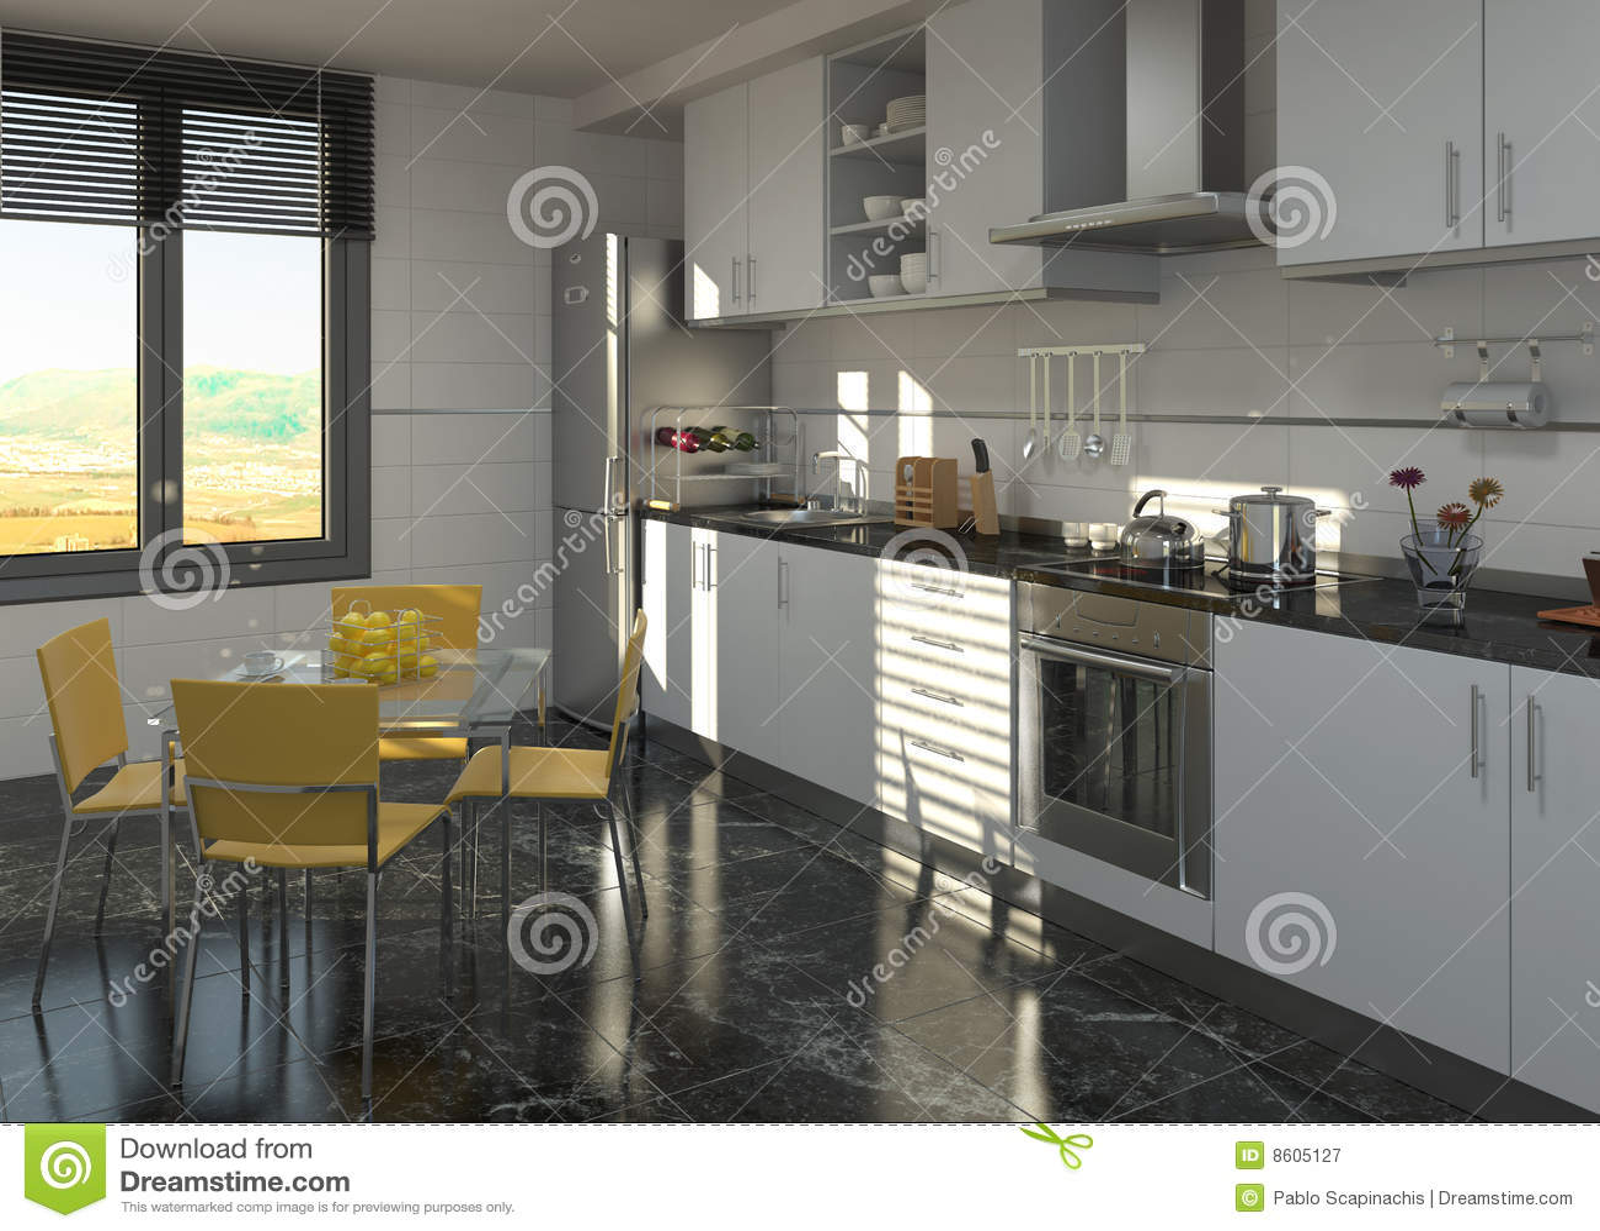 Dise o interior de la cocina moderna fotograf a de archivo for Disenos de interiores de cocinas